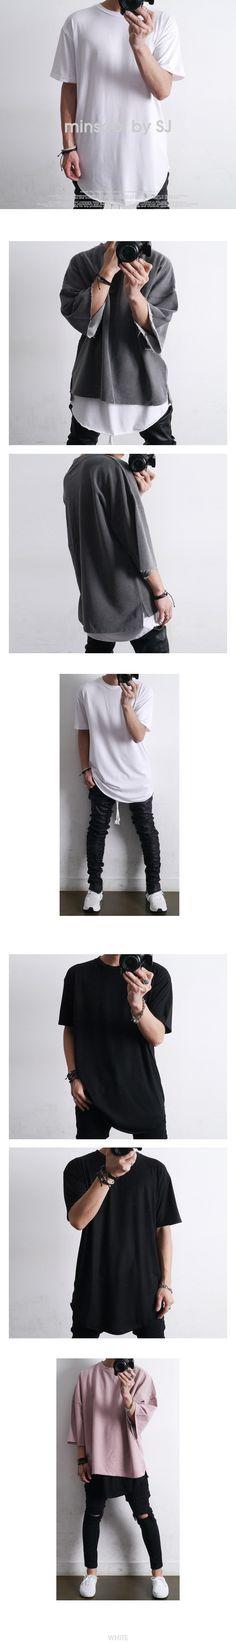 【minsobi by SJ】モード系/ストリート系。【あす楽】【2016年新作】3色 レイヤード用 ロング丈 カットソー 半袖 カットソー メンズ Tシャツ 半袖 メンズ 7分袖 カットソー メンズ ダメージゆるTシャツ メンズ トップス ヴィメンズ tシャツ tシャツ メンズ トップス 10P06May14